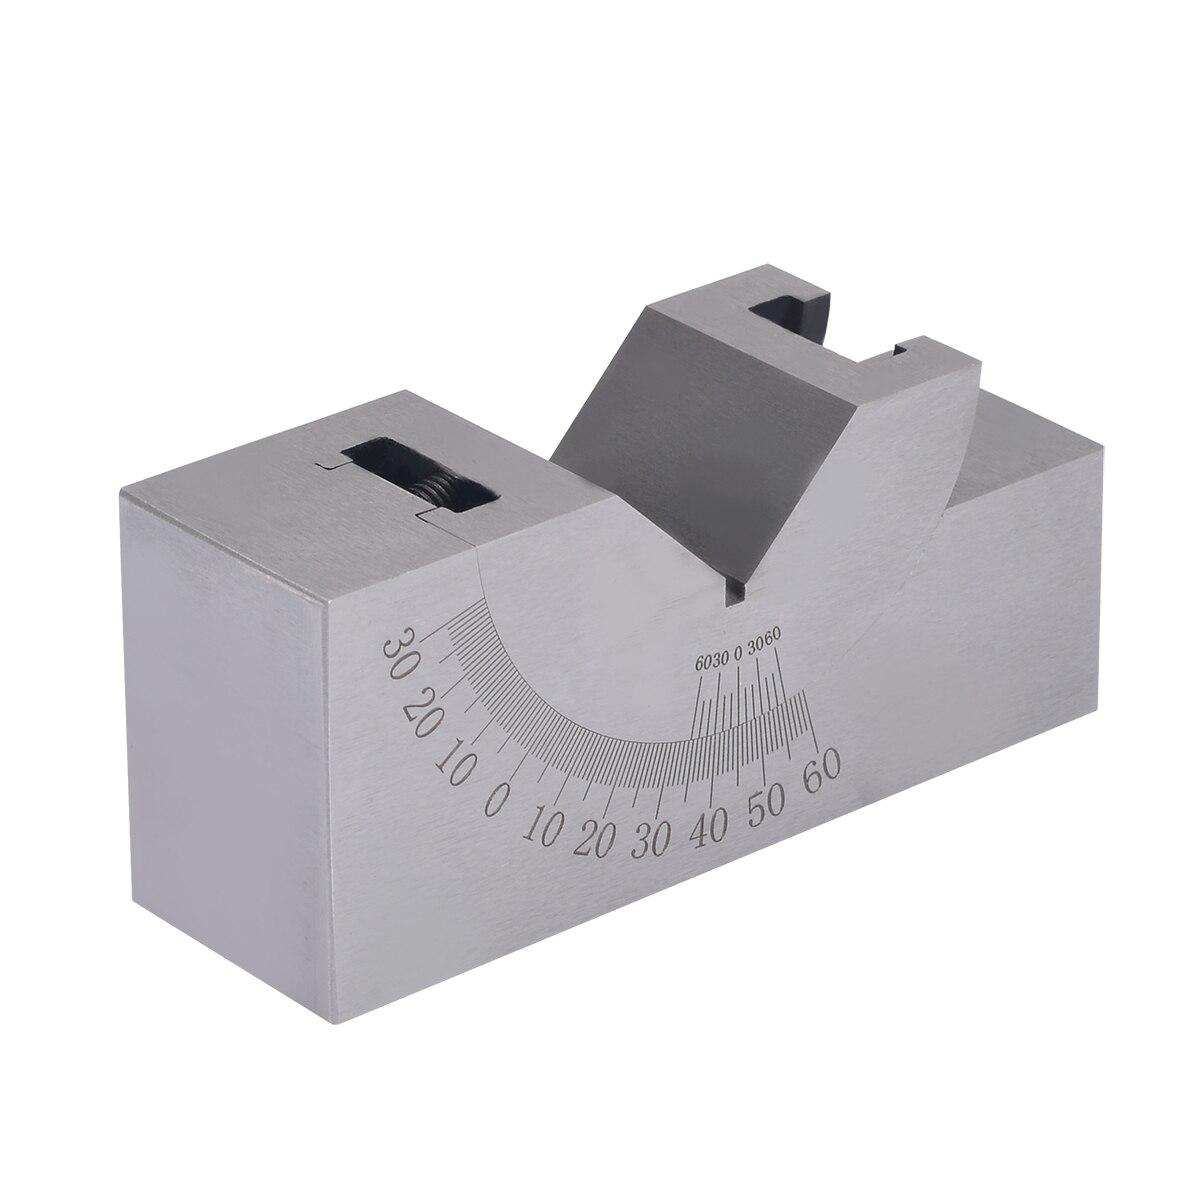 Precision Gauge Adjustable Angle V Block Milling Setup 0-60 Degree Angle Gauge